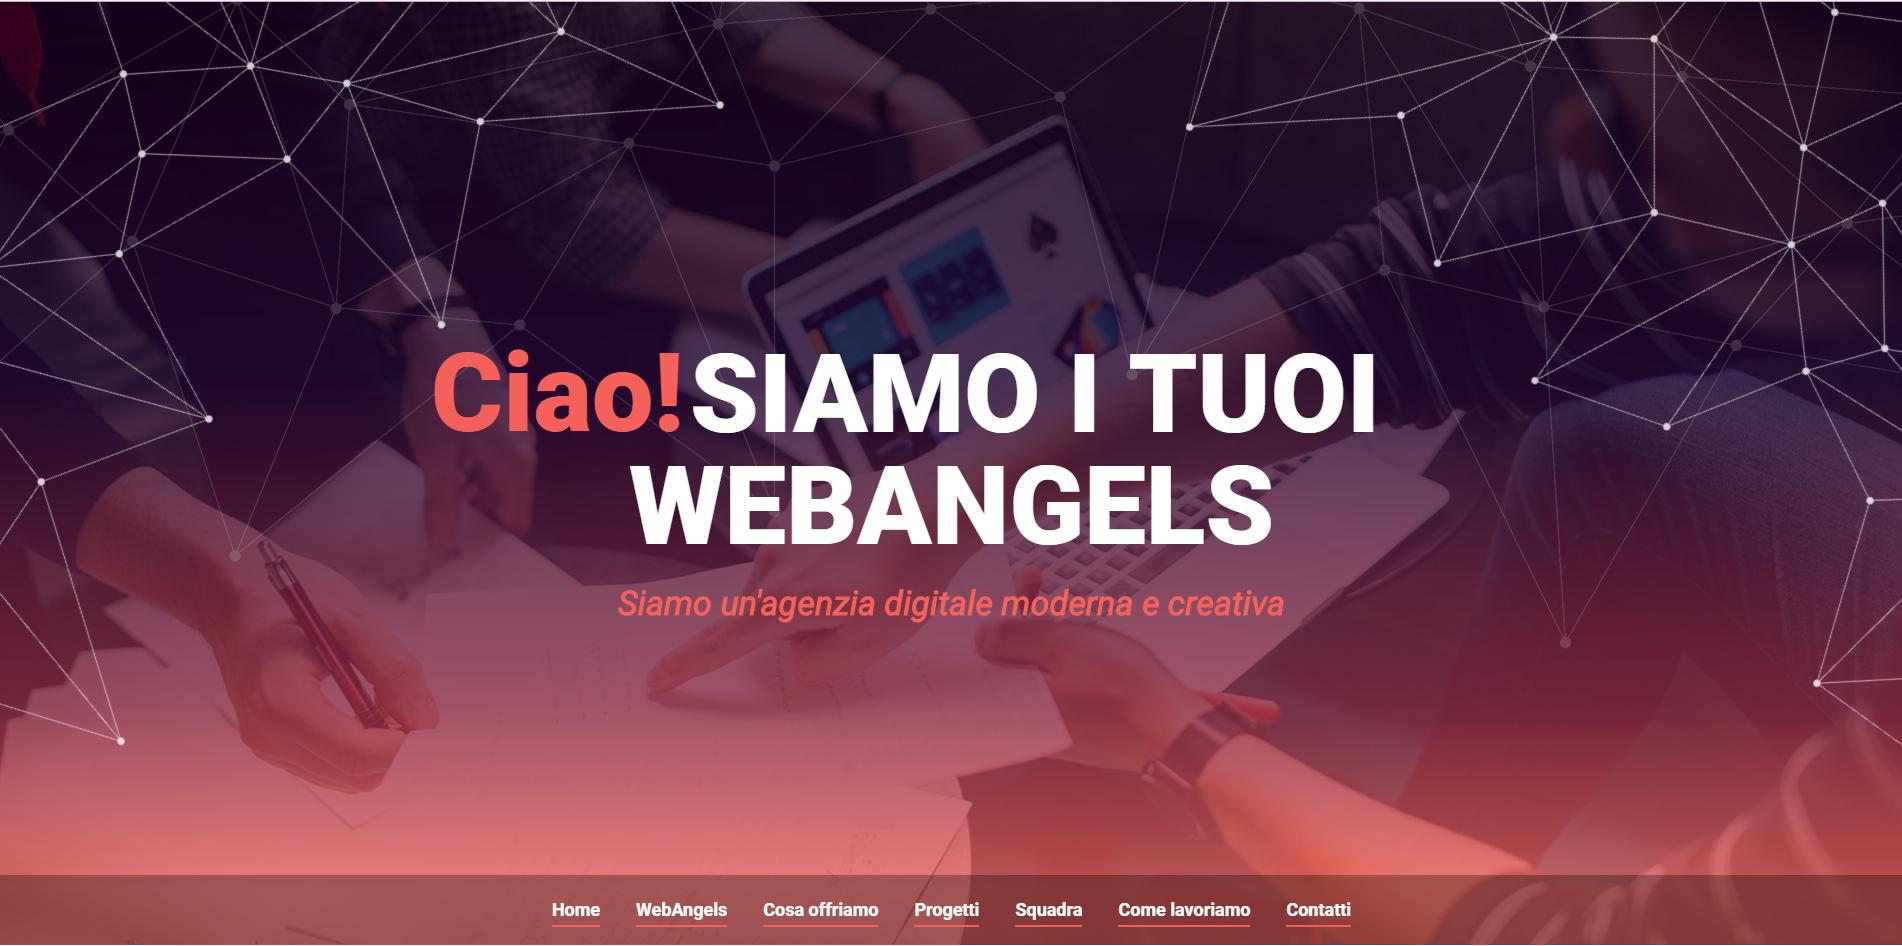 Web Angels - Agenzia Web specializzata nella gestione di centri estetici a roma